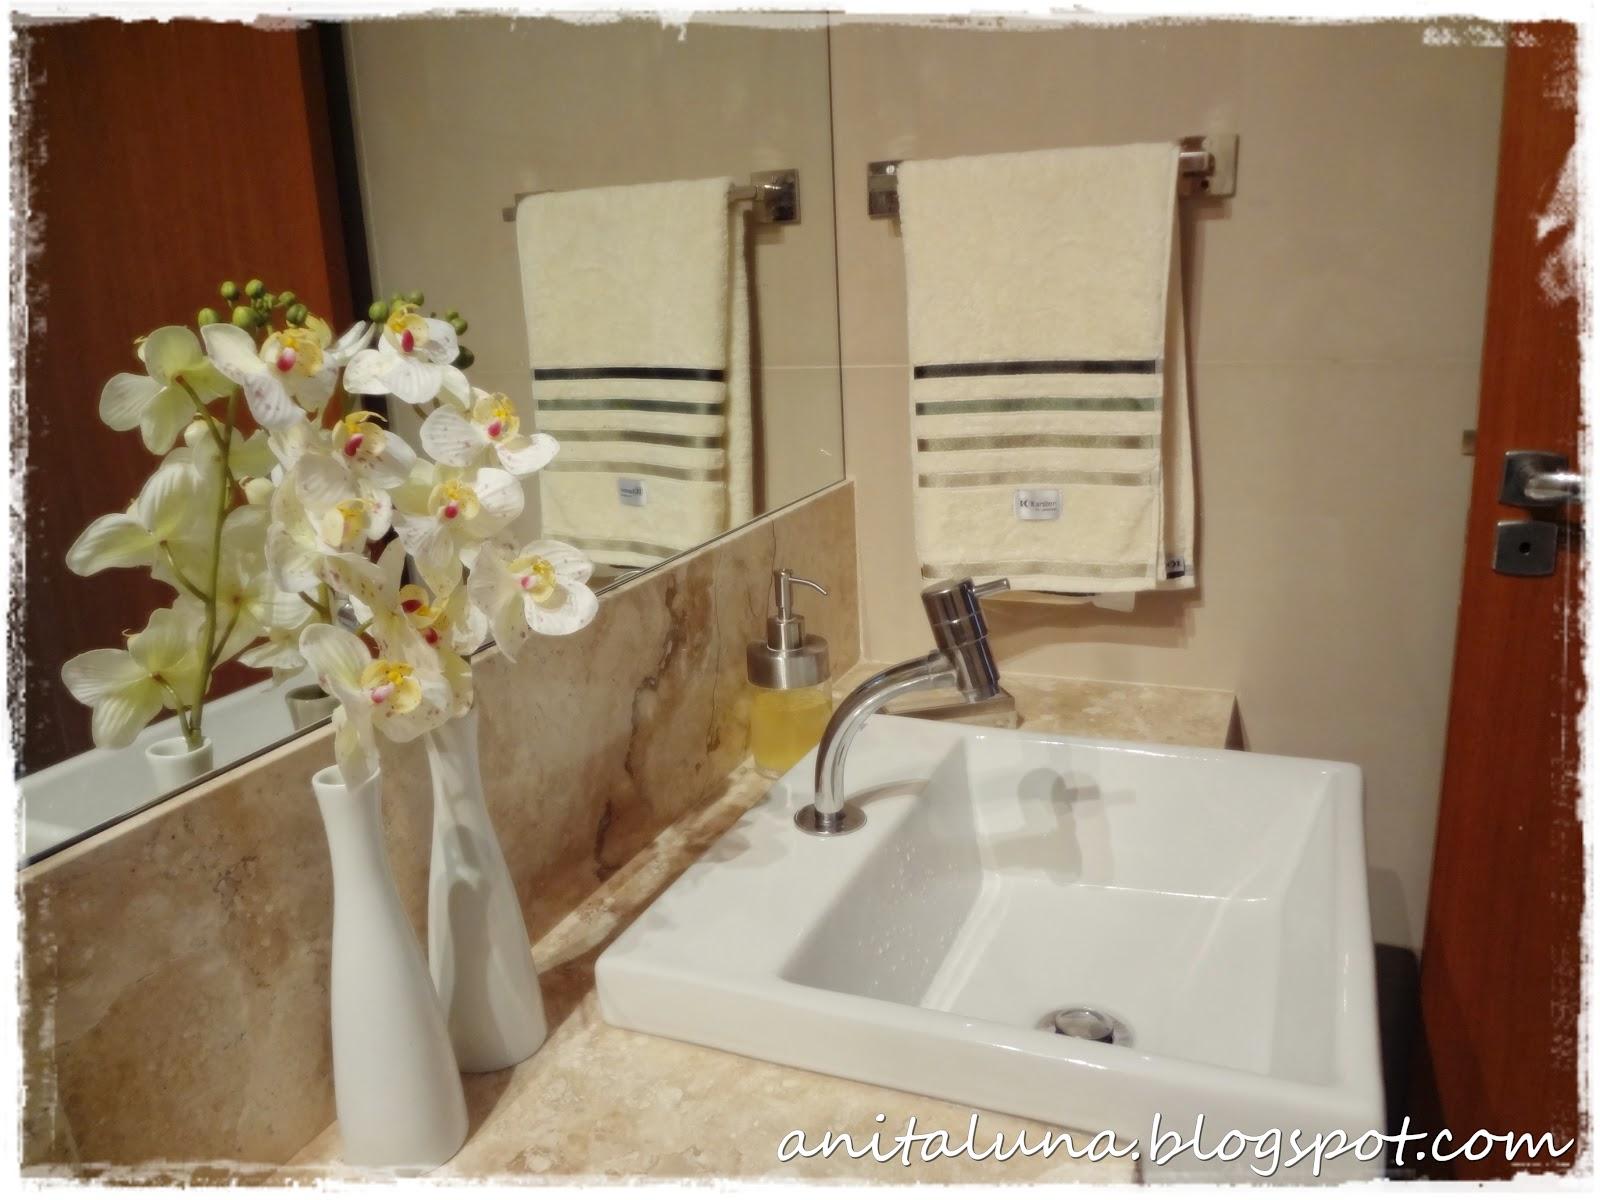 De tudo um pouco por Anita Luna: BANHEIRO SOCIAL #401F10 1600x1200 Armario Banheiro Luna